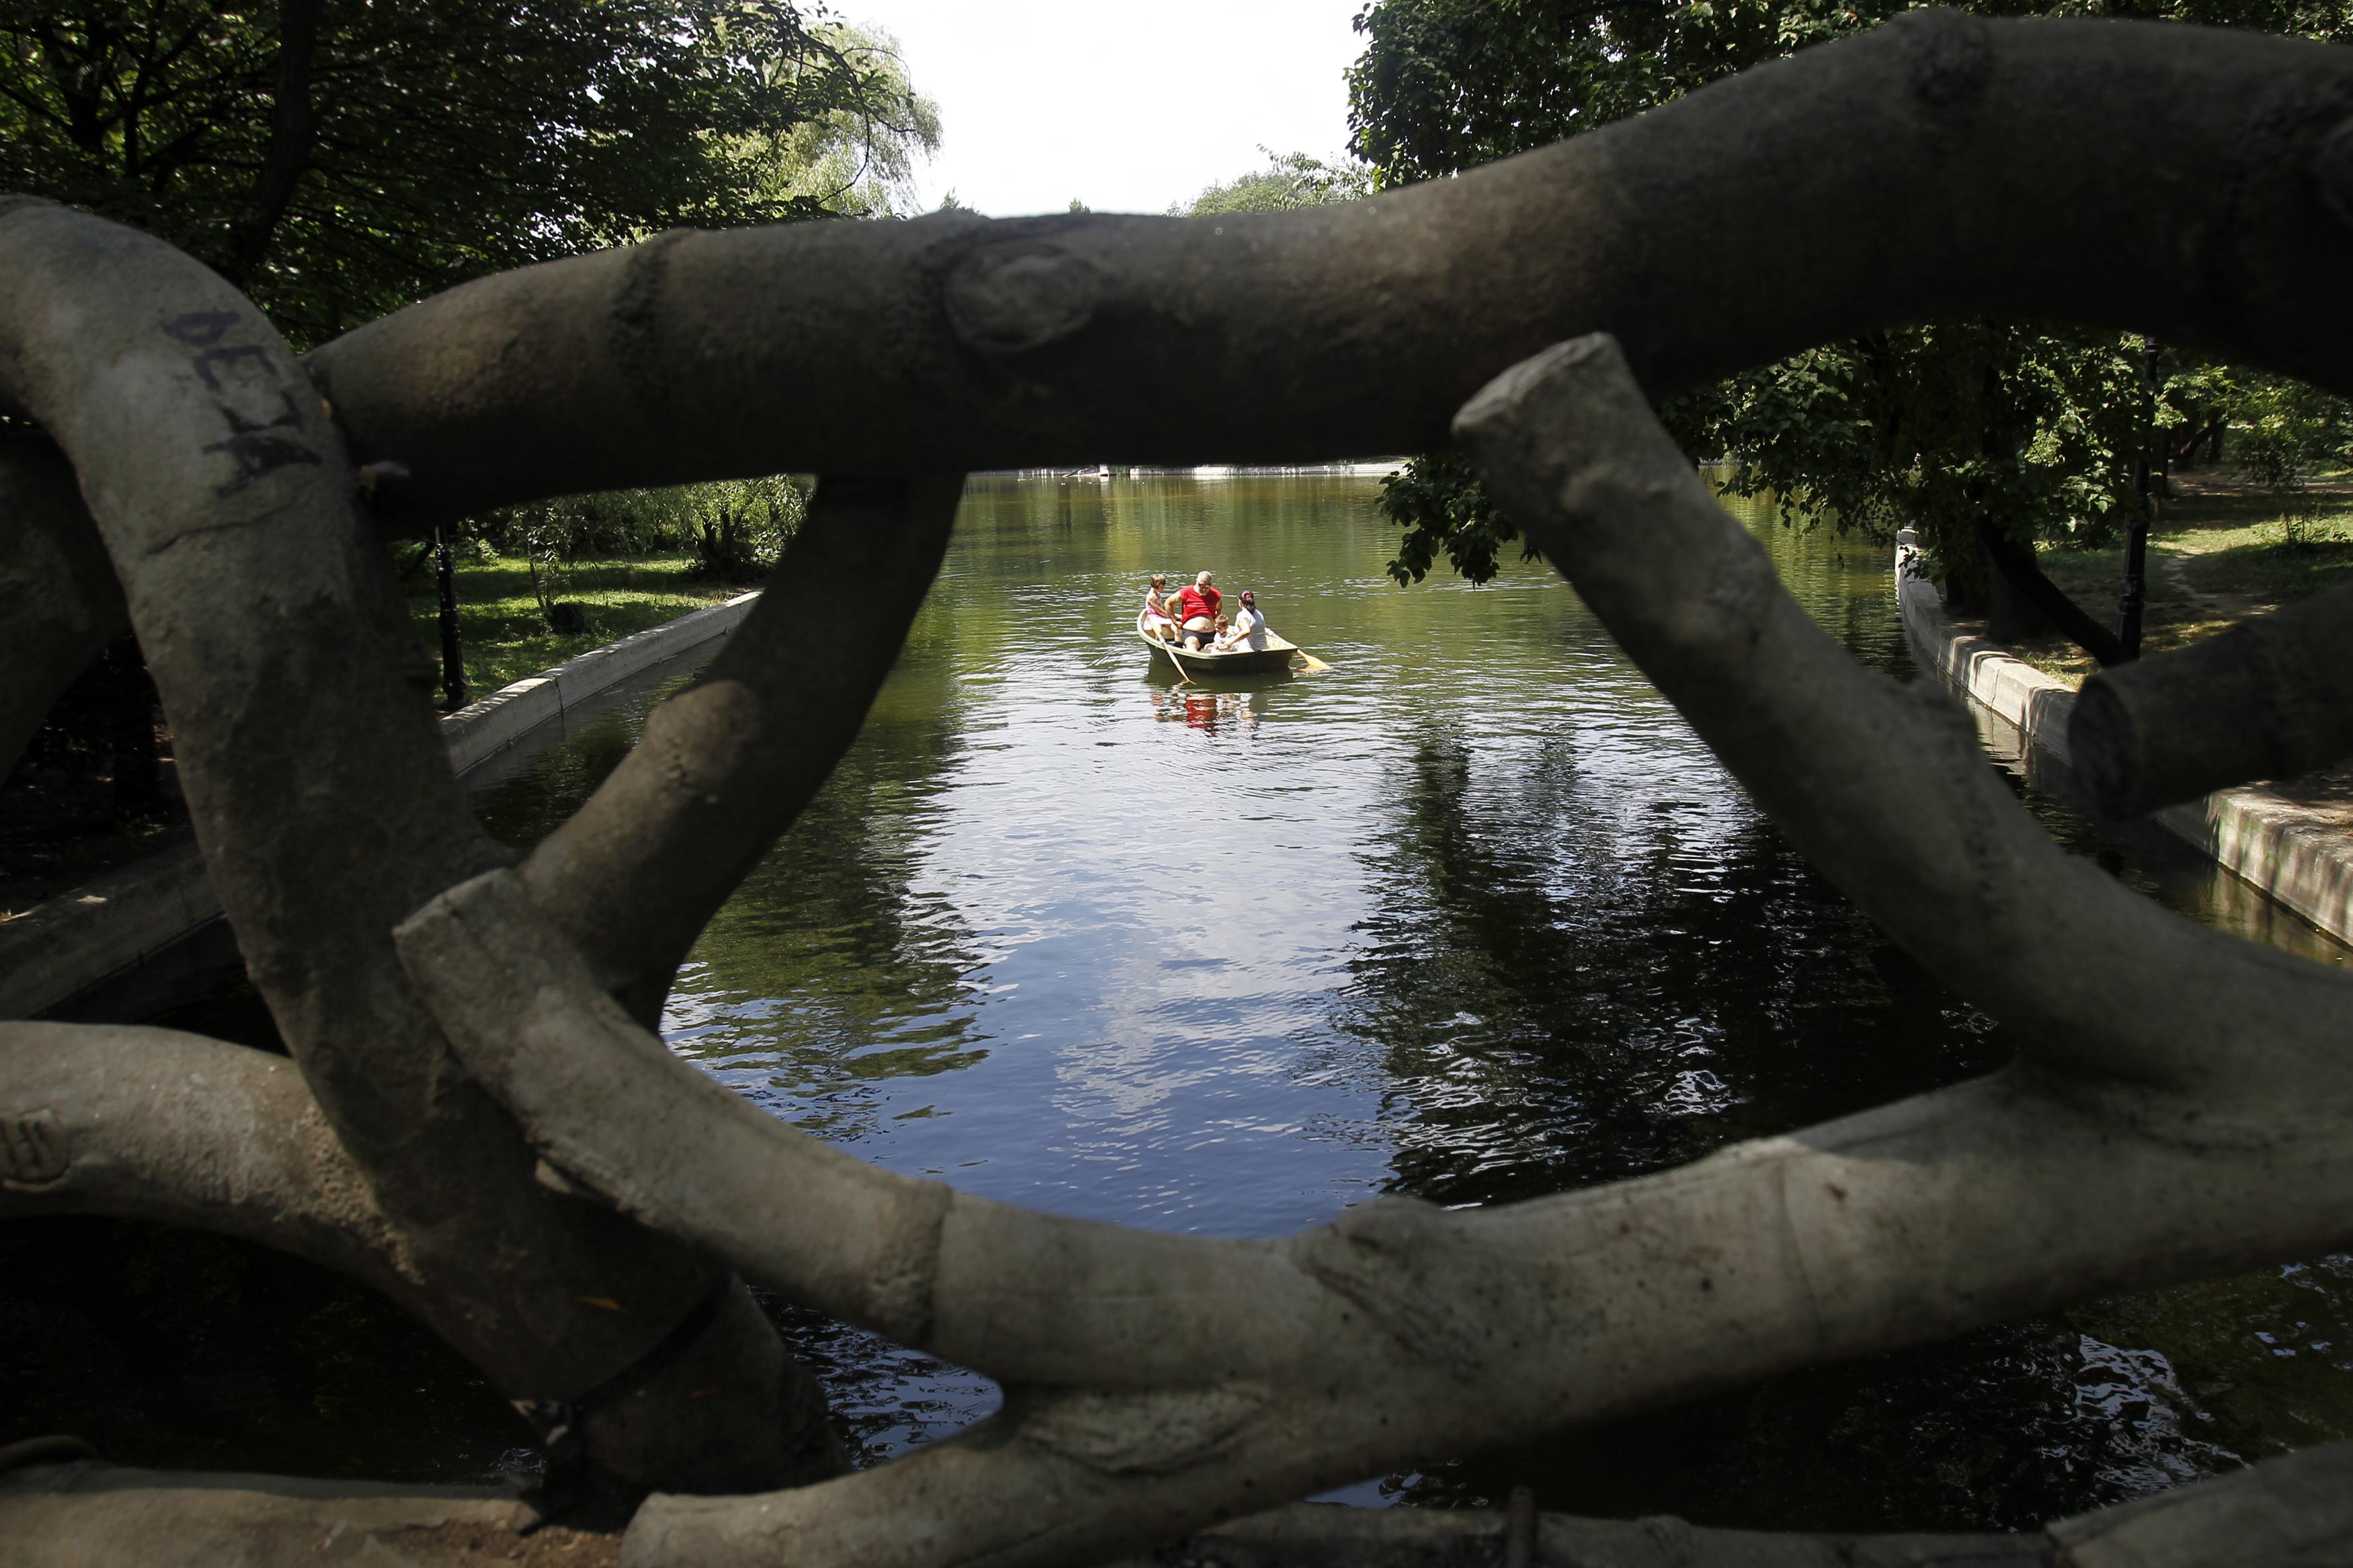 ROMÉNIA, 26.7.2013. Um passeio de barco num parque de Bucareste num dia em que as temperaturas ultrapassaram os 36ºC